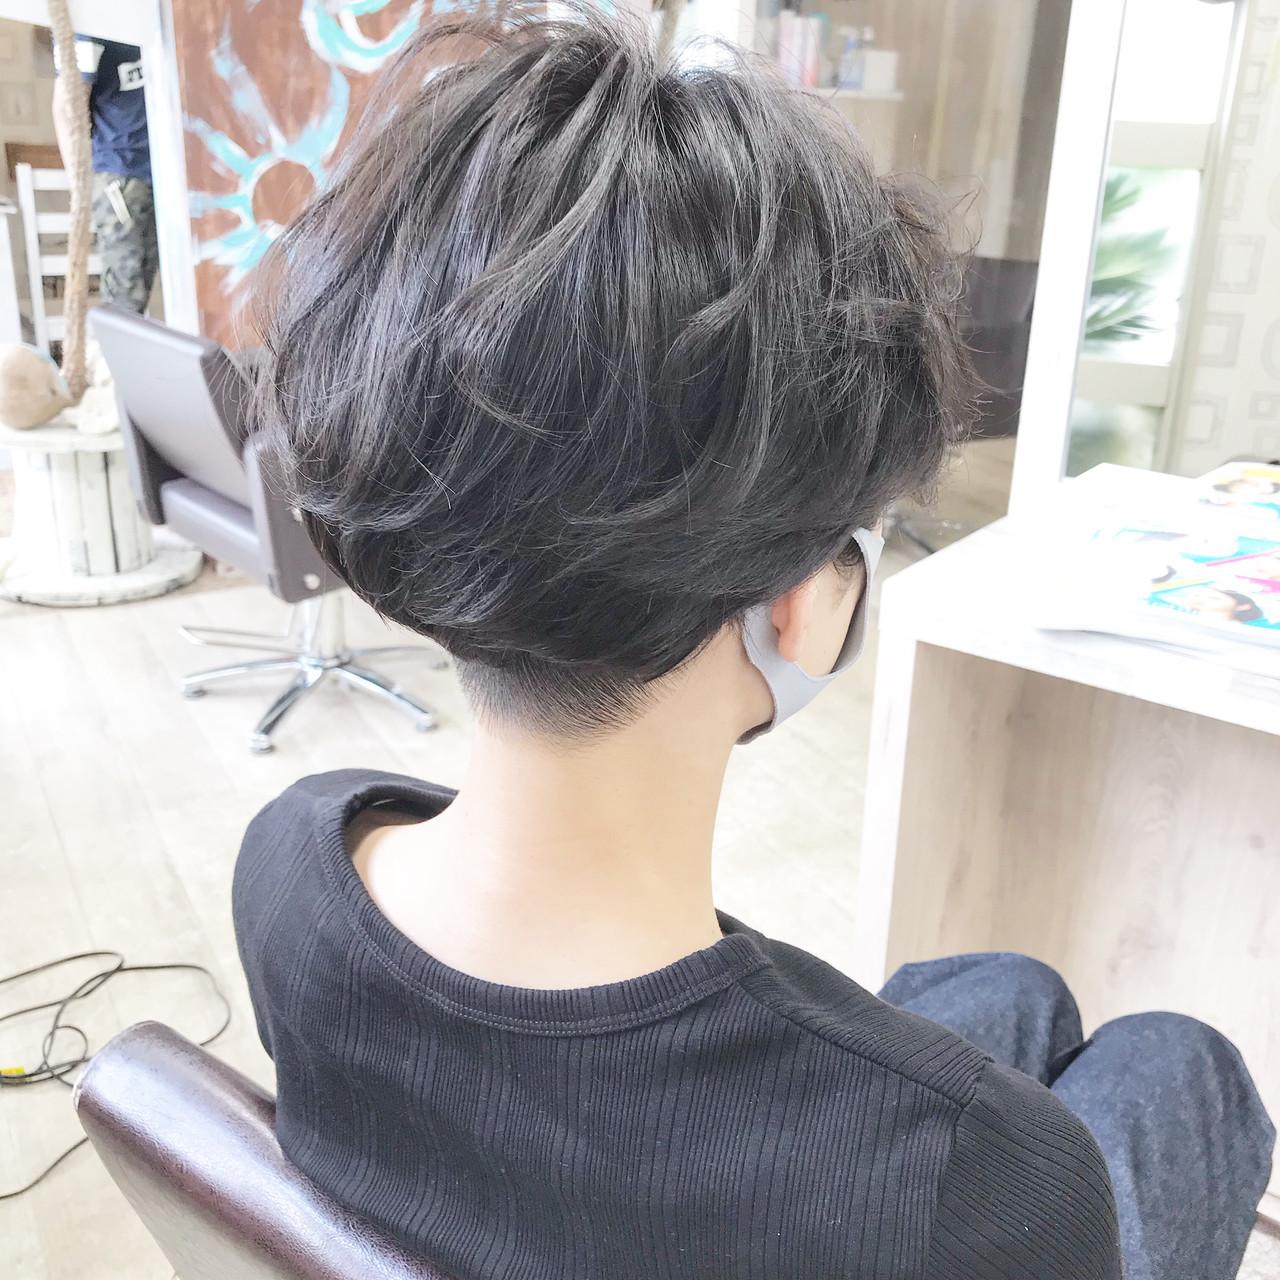 ベリーショート ハンサムショート ハンサムボブ ショートボブヘアスタイルや髪型の写真・画像